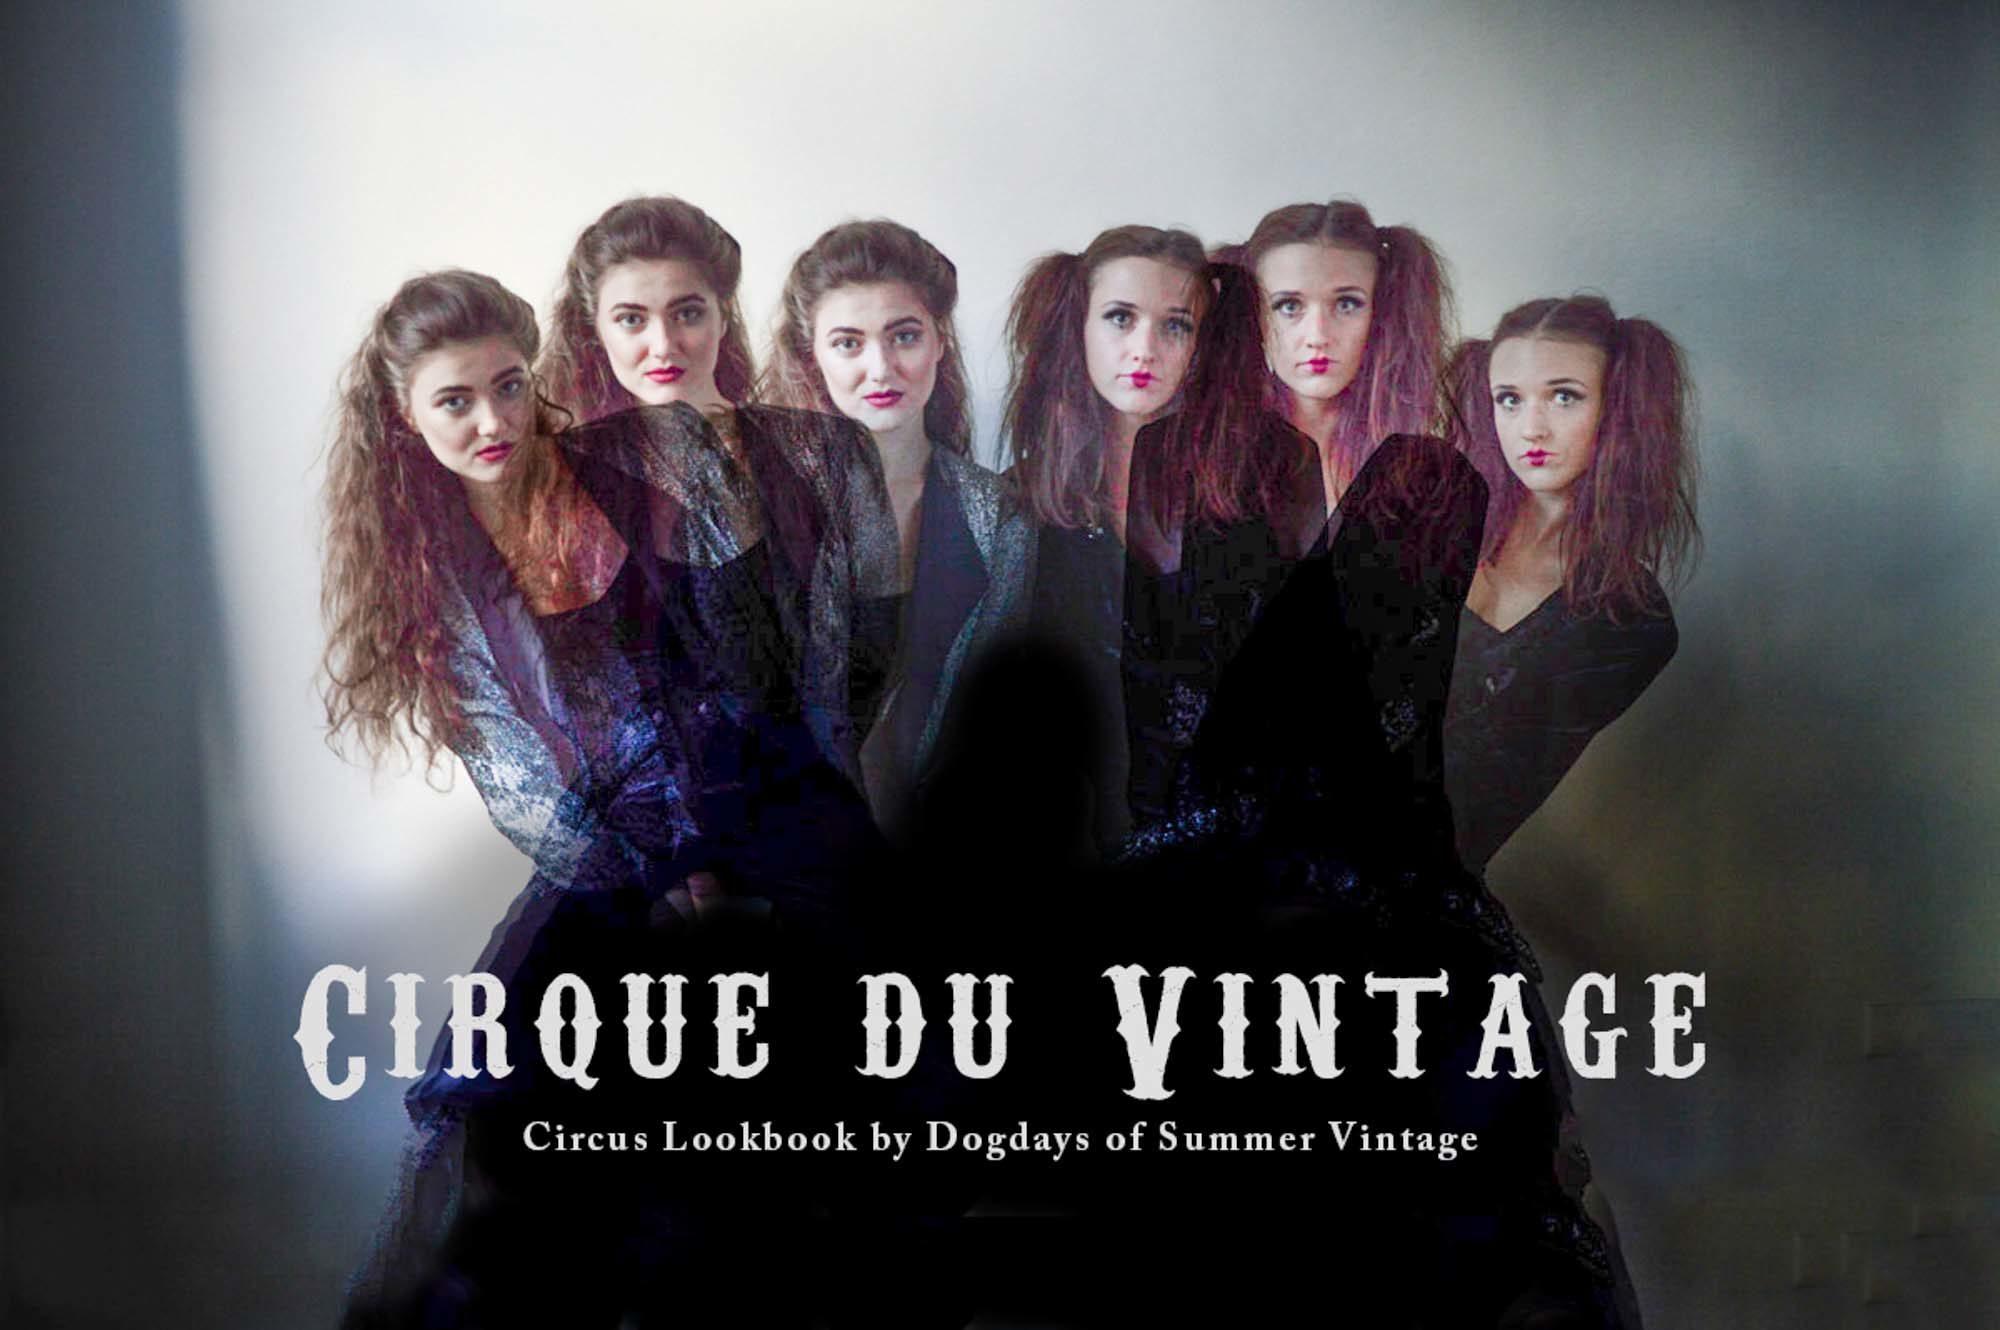 circus-lookbook-dogdays-of-summer-vintage-hipster-retro-fleamarket-vienna-graz-austria-1